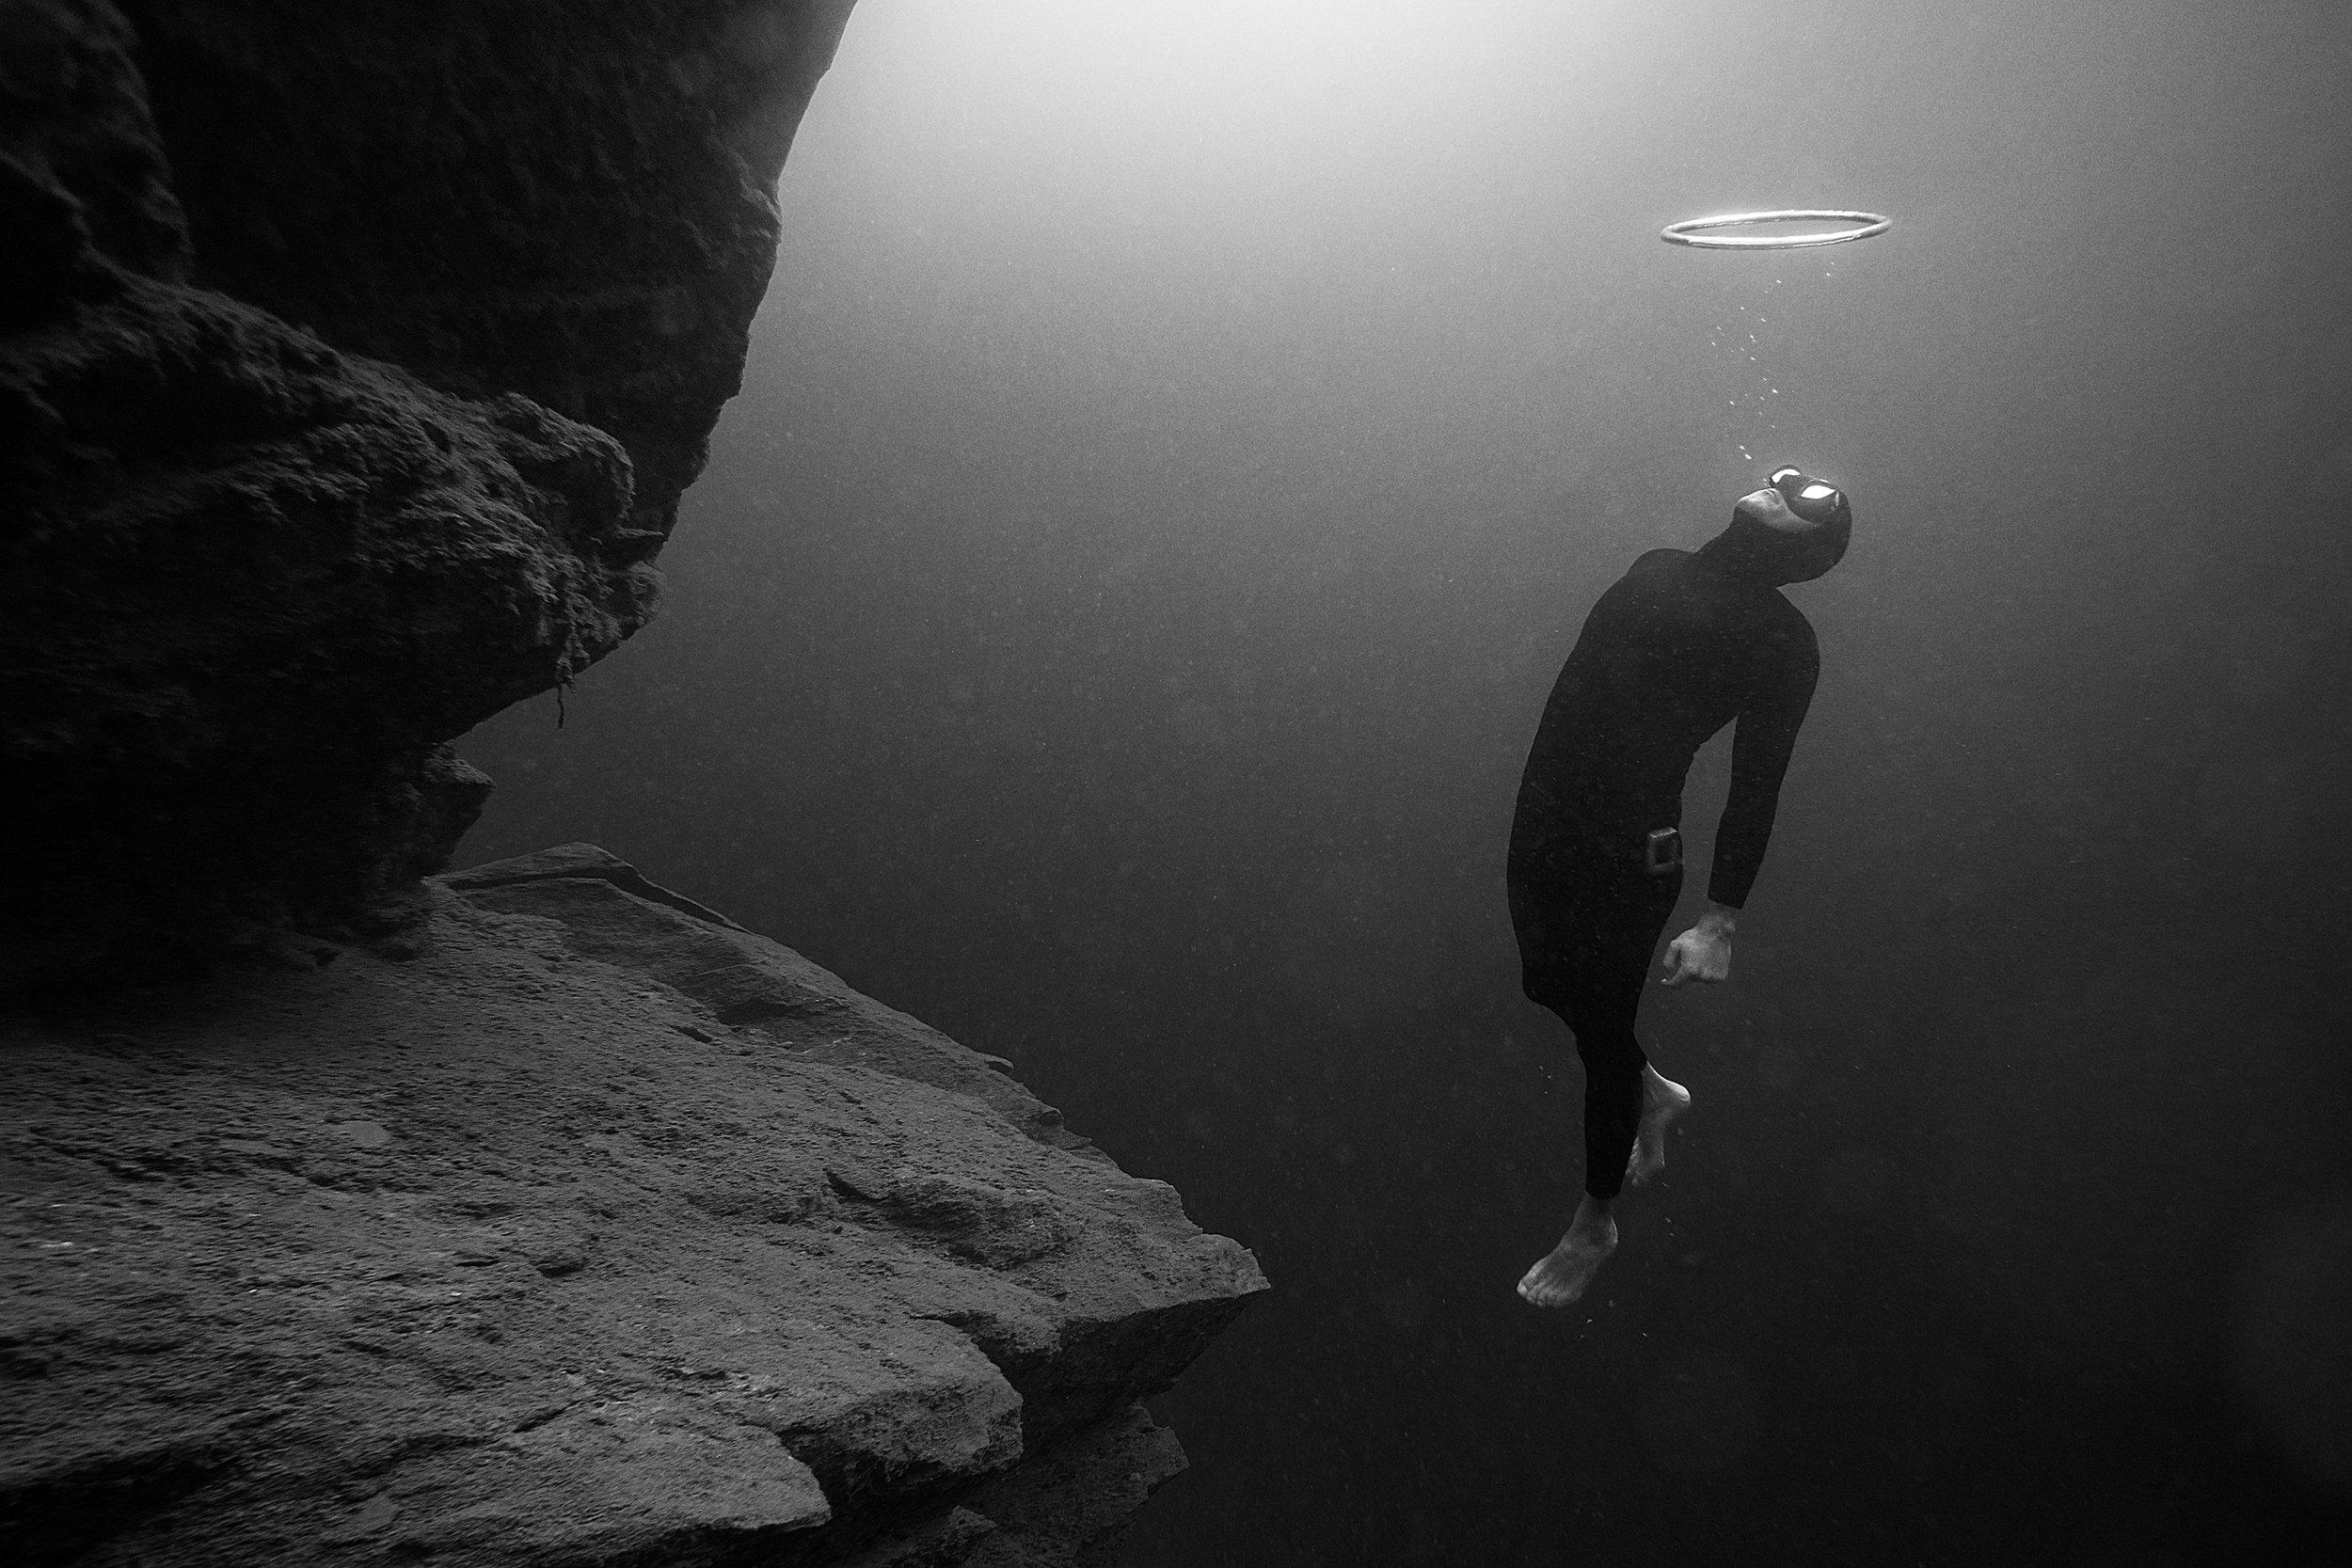 Freediving_cup_01.jpg